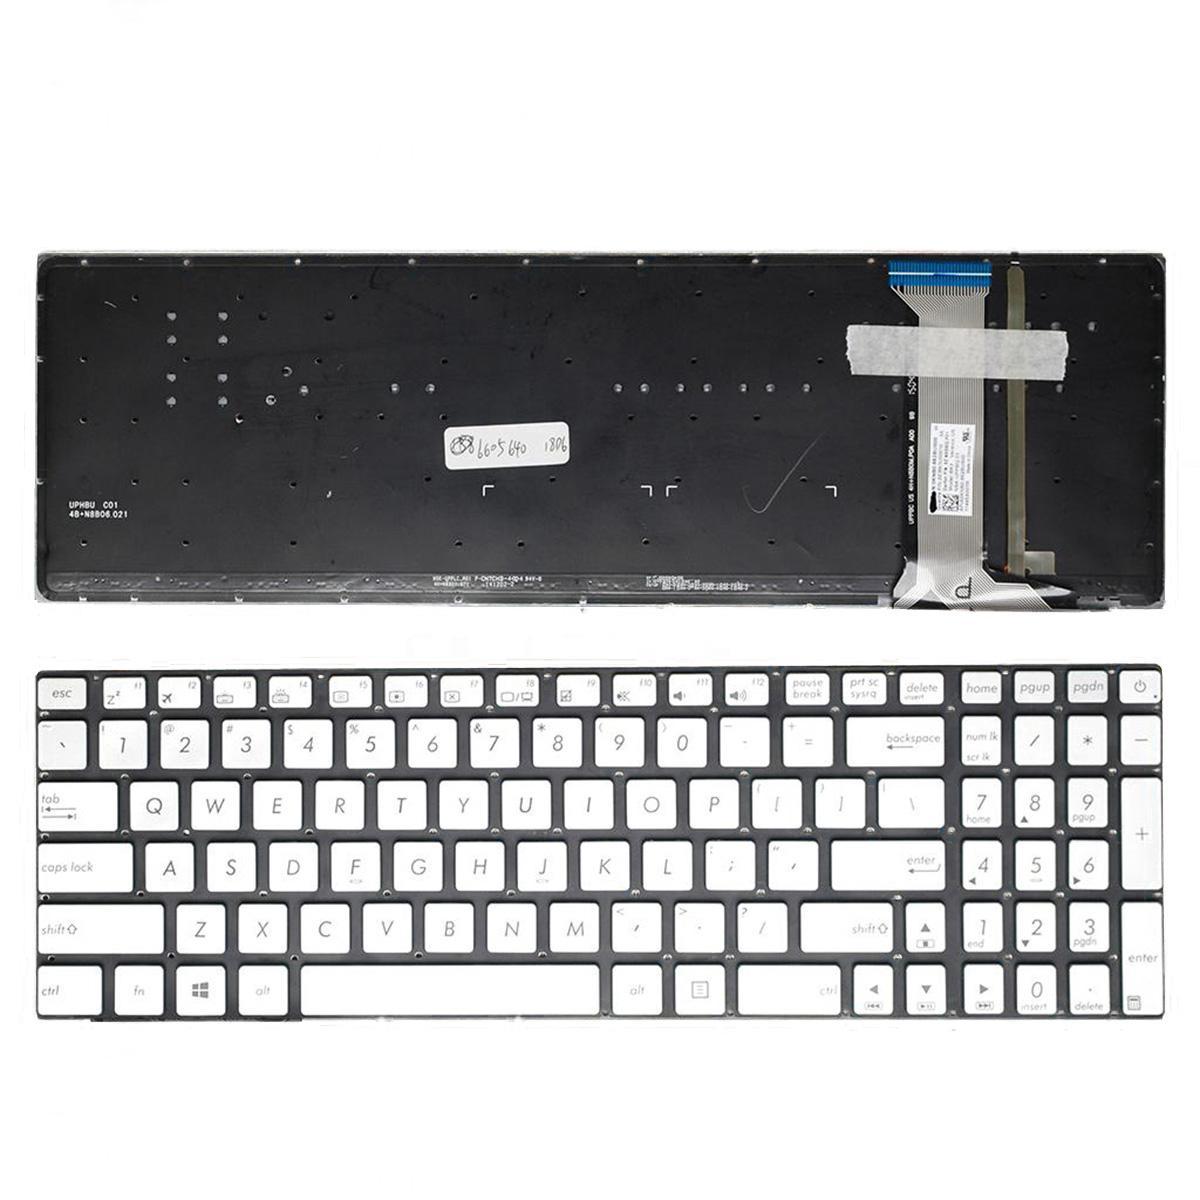 NOUVEAU anglais Clavier portable asus N551 N551J N551JB N551JK N551JM N551JQ ARGENT (rétro-éclairé, de papier d'aluminium sans cadre réparation clavier US